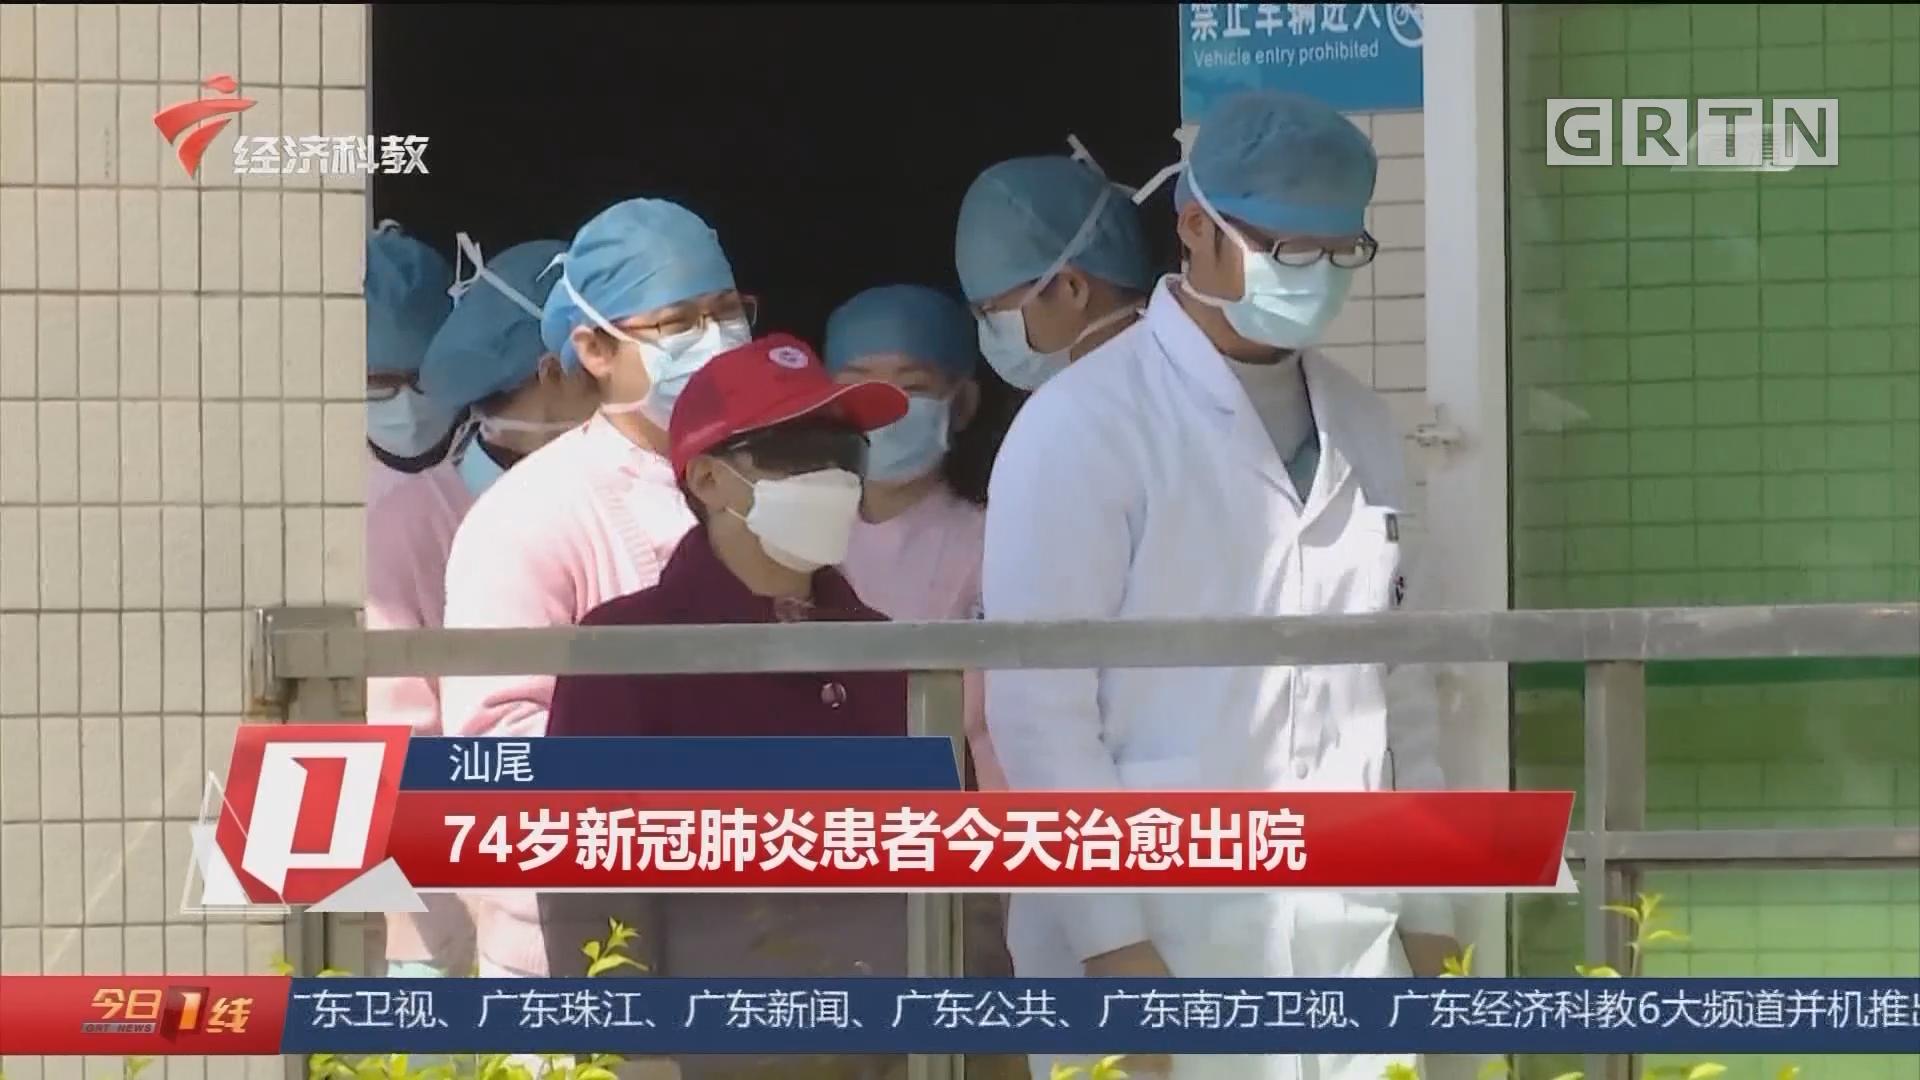 汕尾:74岁新冠肺炎患者今天治愈出院